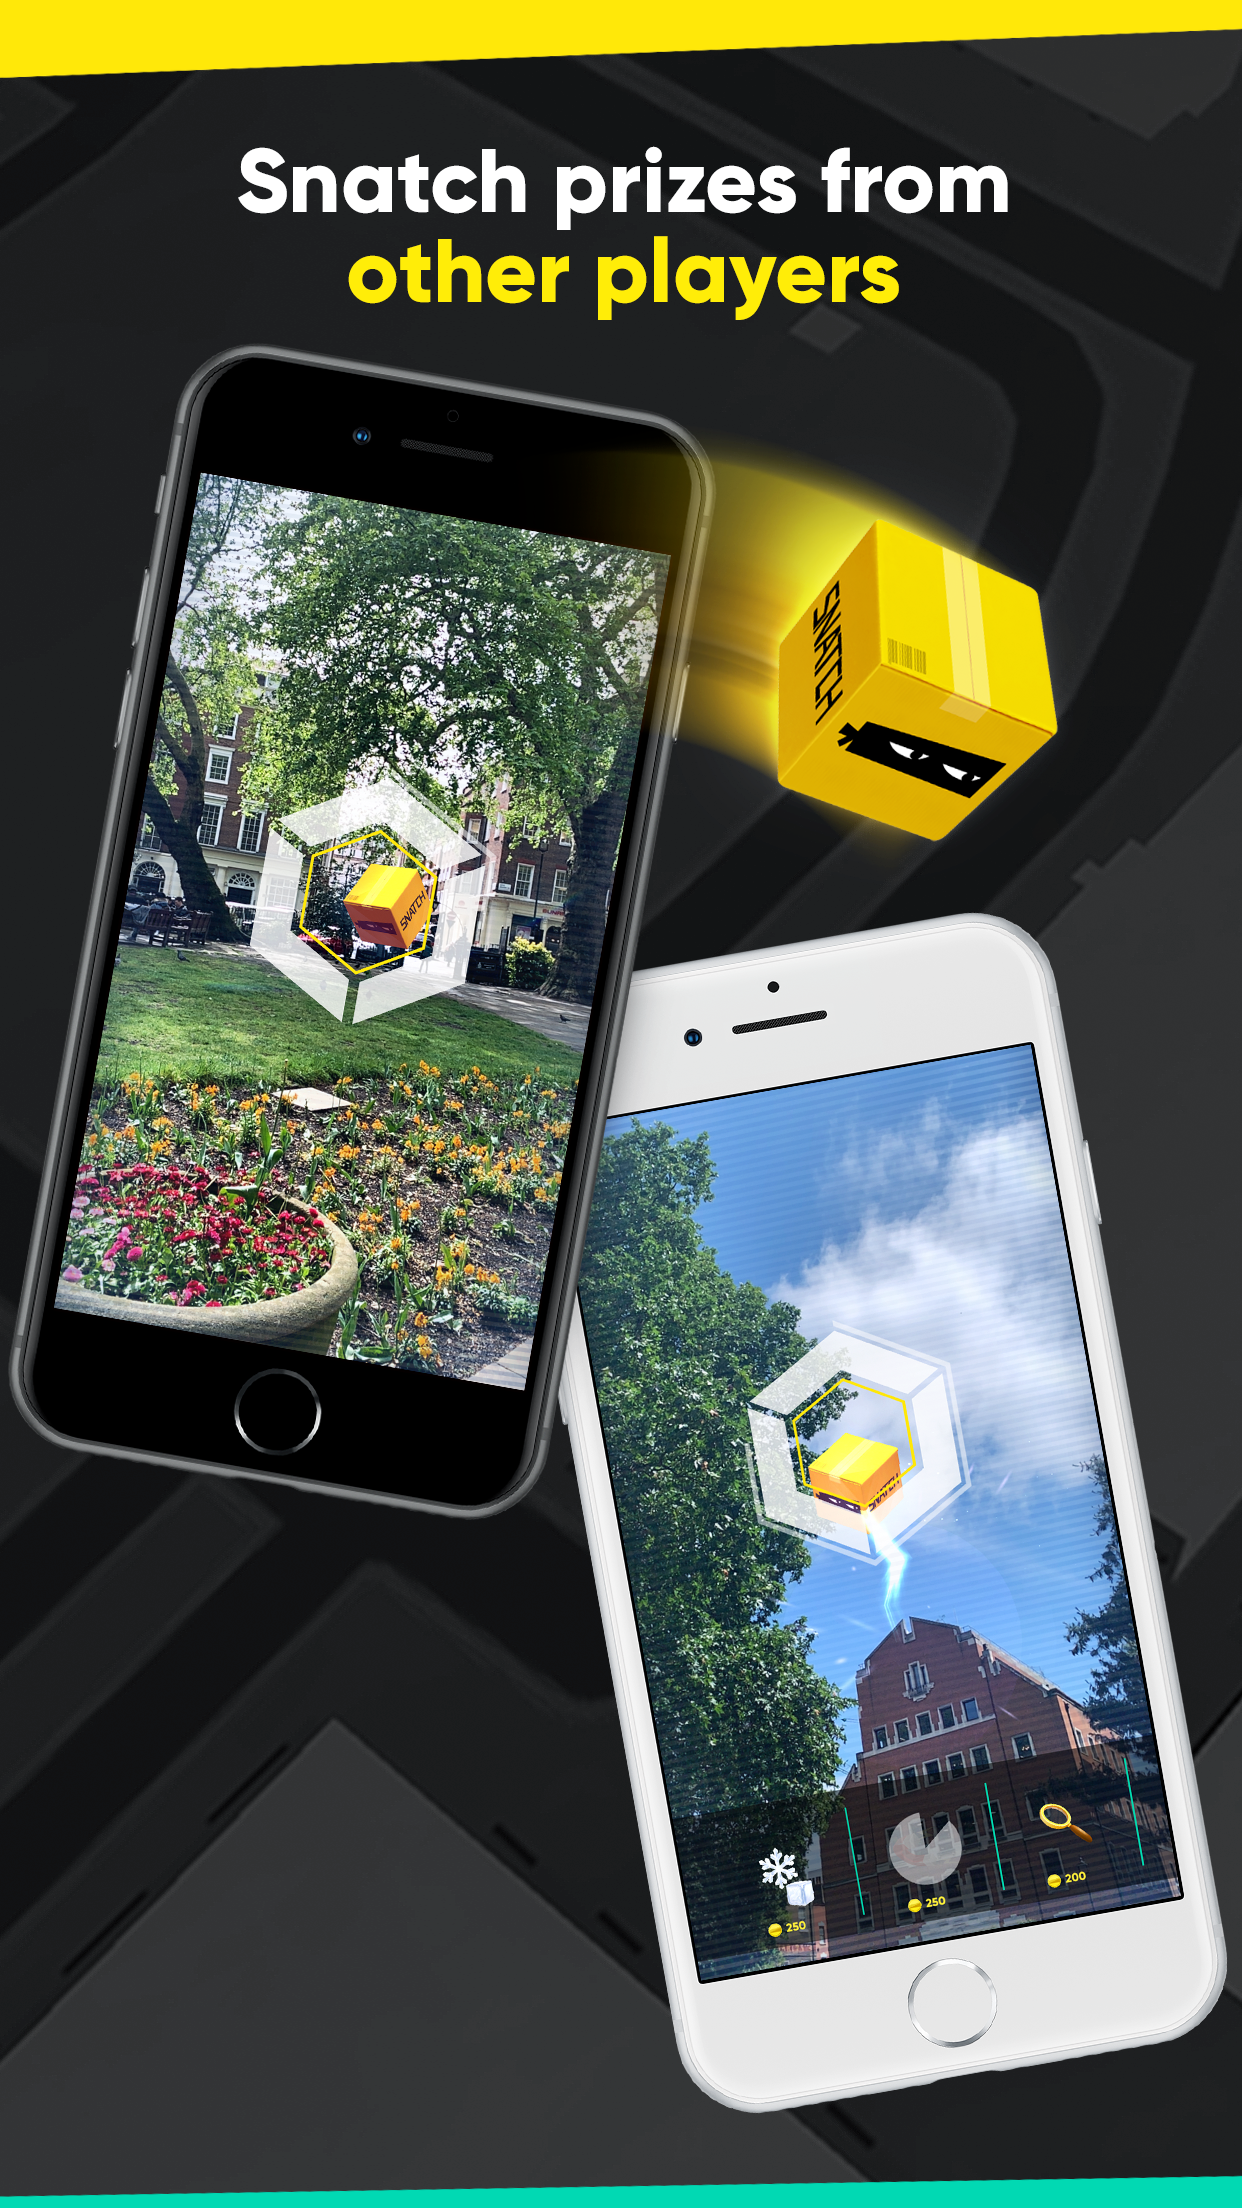 2-Snatch-iPhone-Screenshots-(1242x2208)-(D6).png